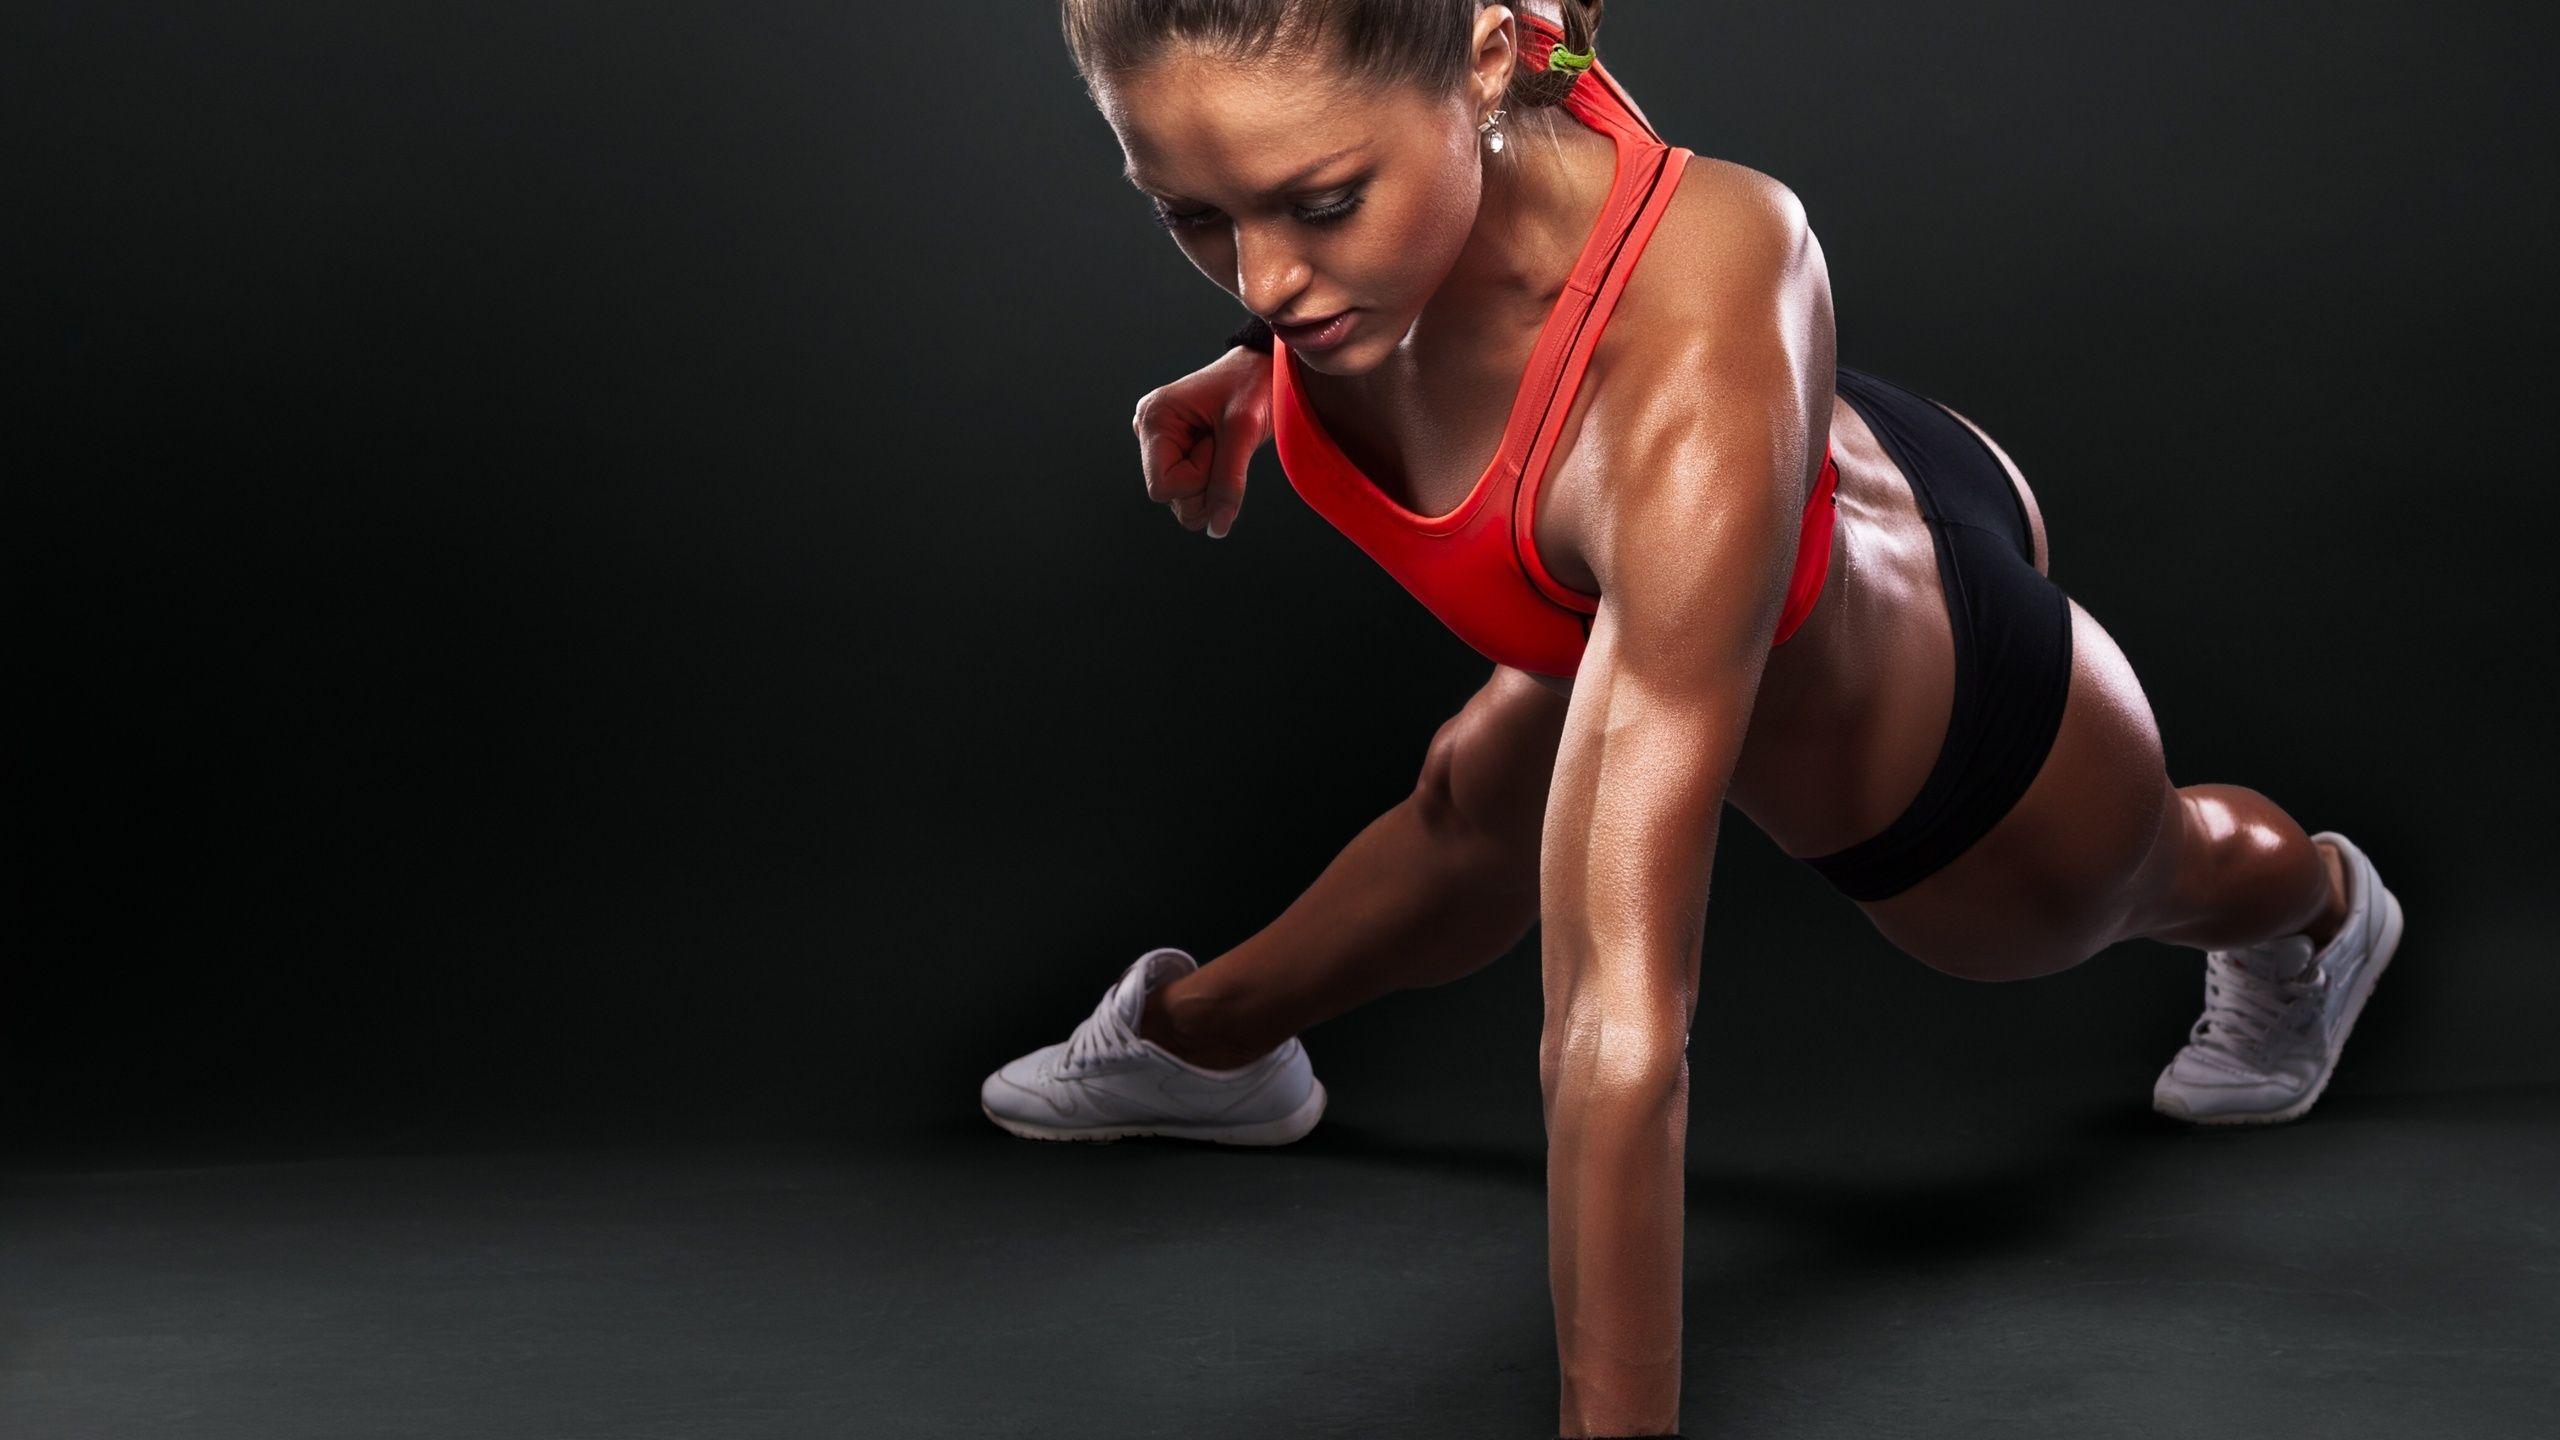 Fitness training girl wallpaper.